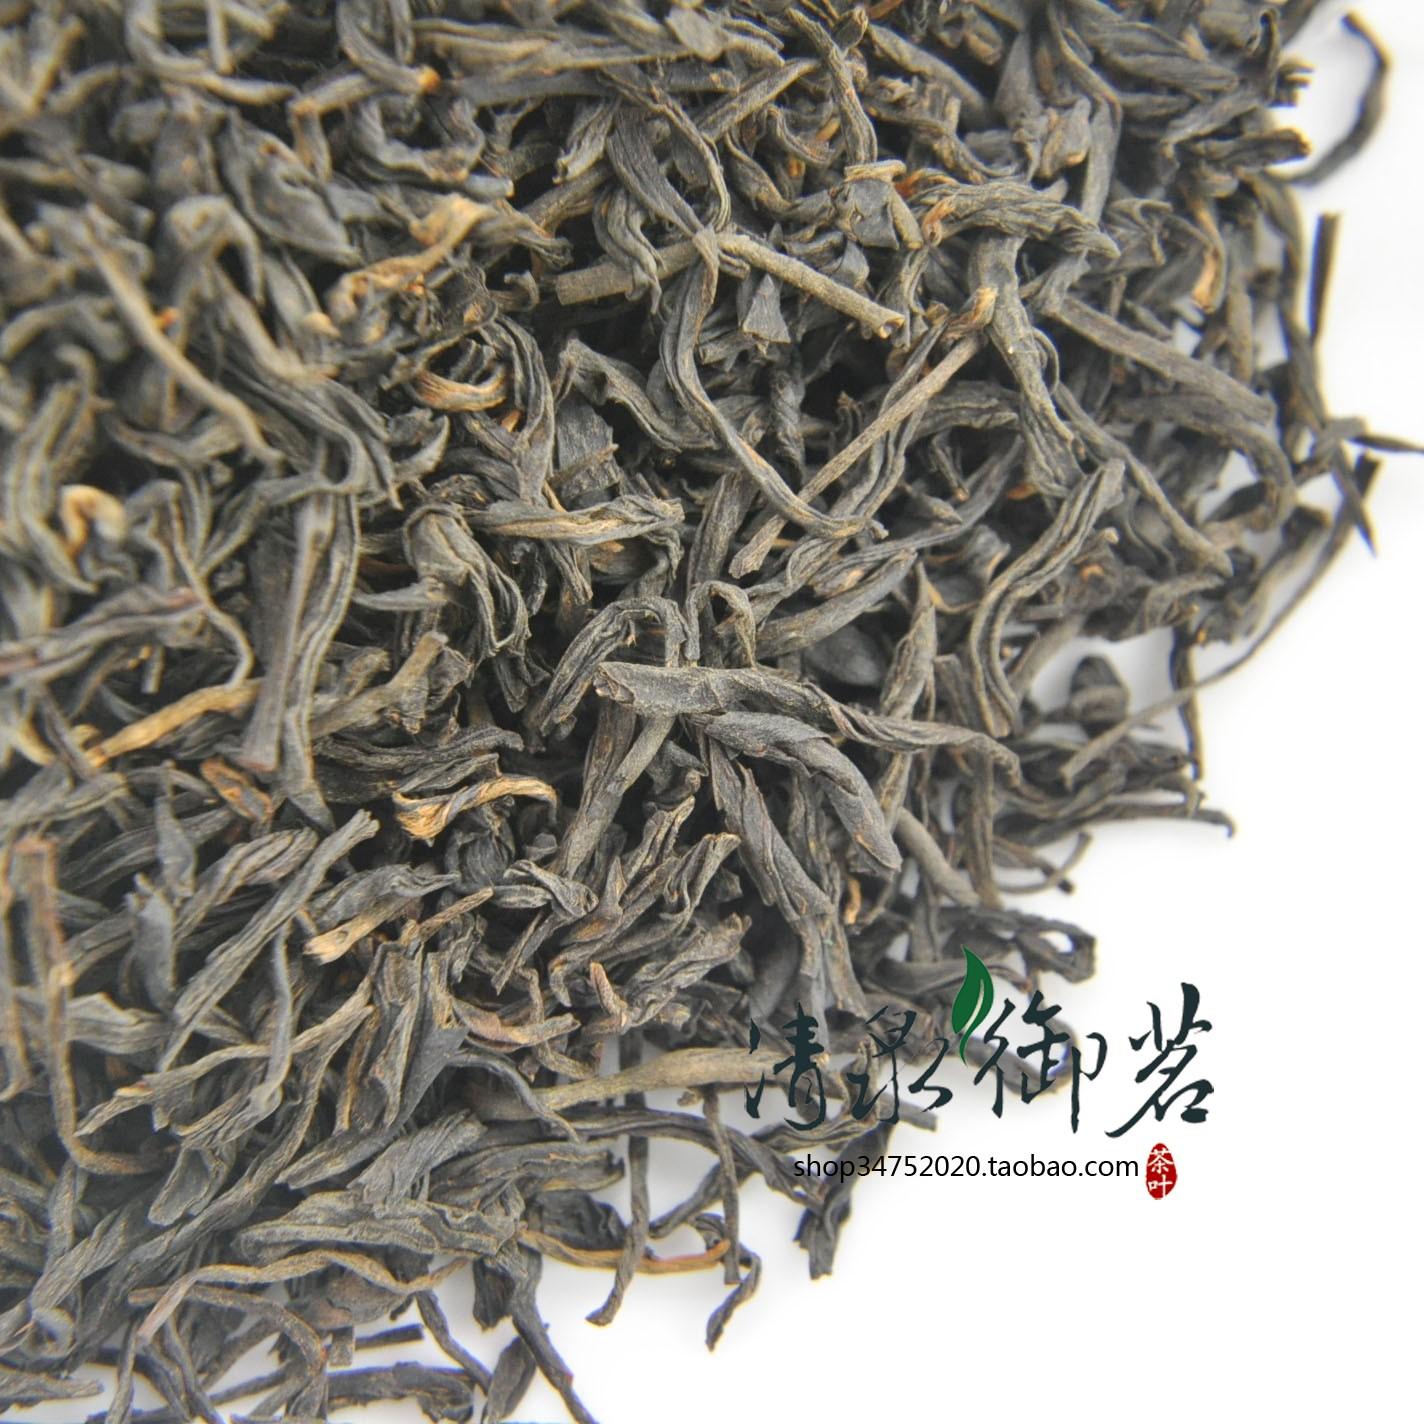 2015 году красный чай являются Сушонг провинции Фуцзянь Yi ю Минг, 50 на 500 граммов весной представил танк мешок